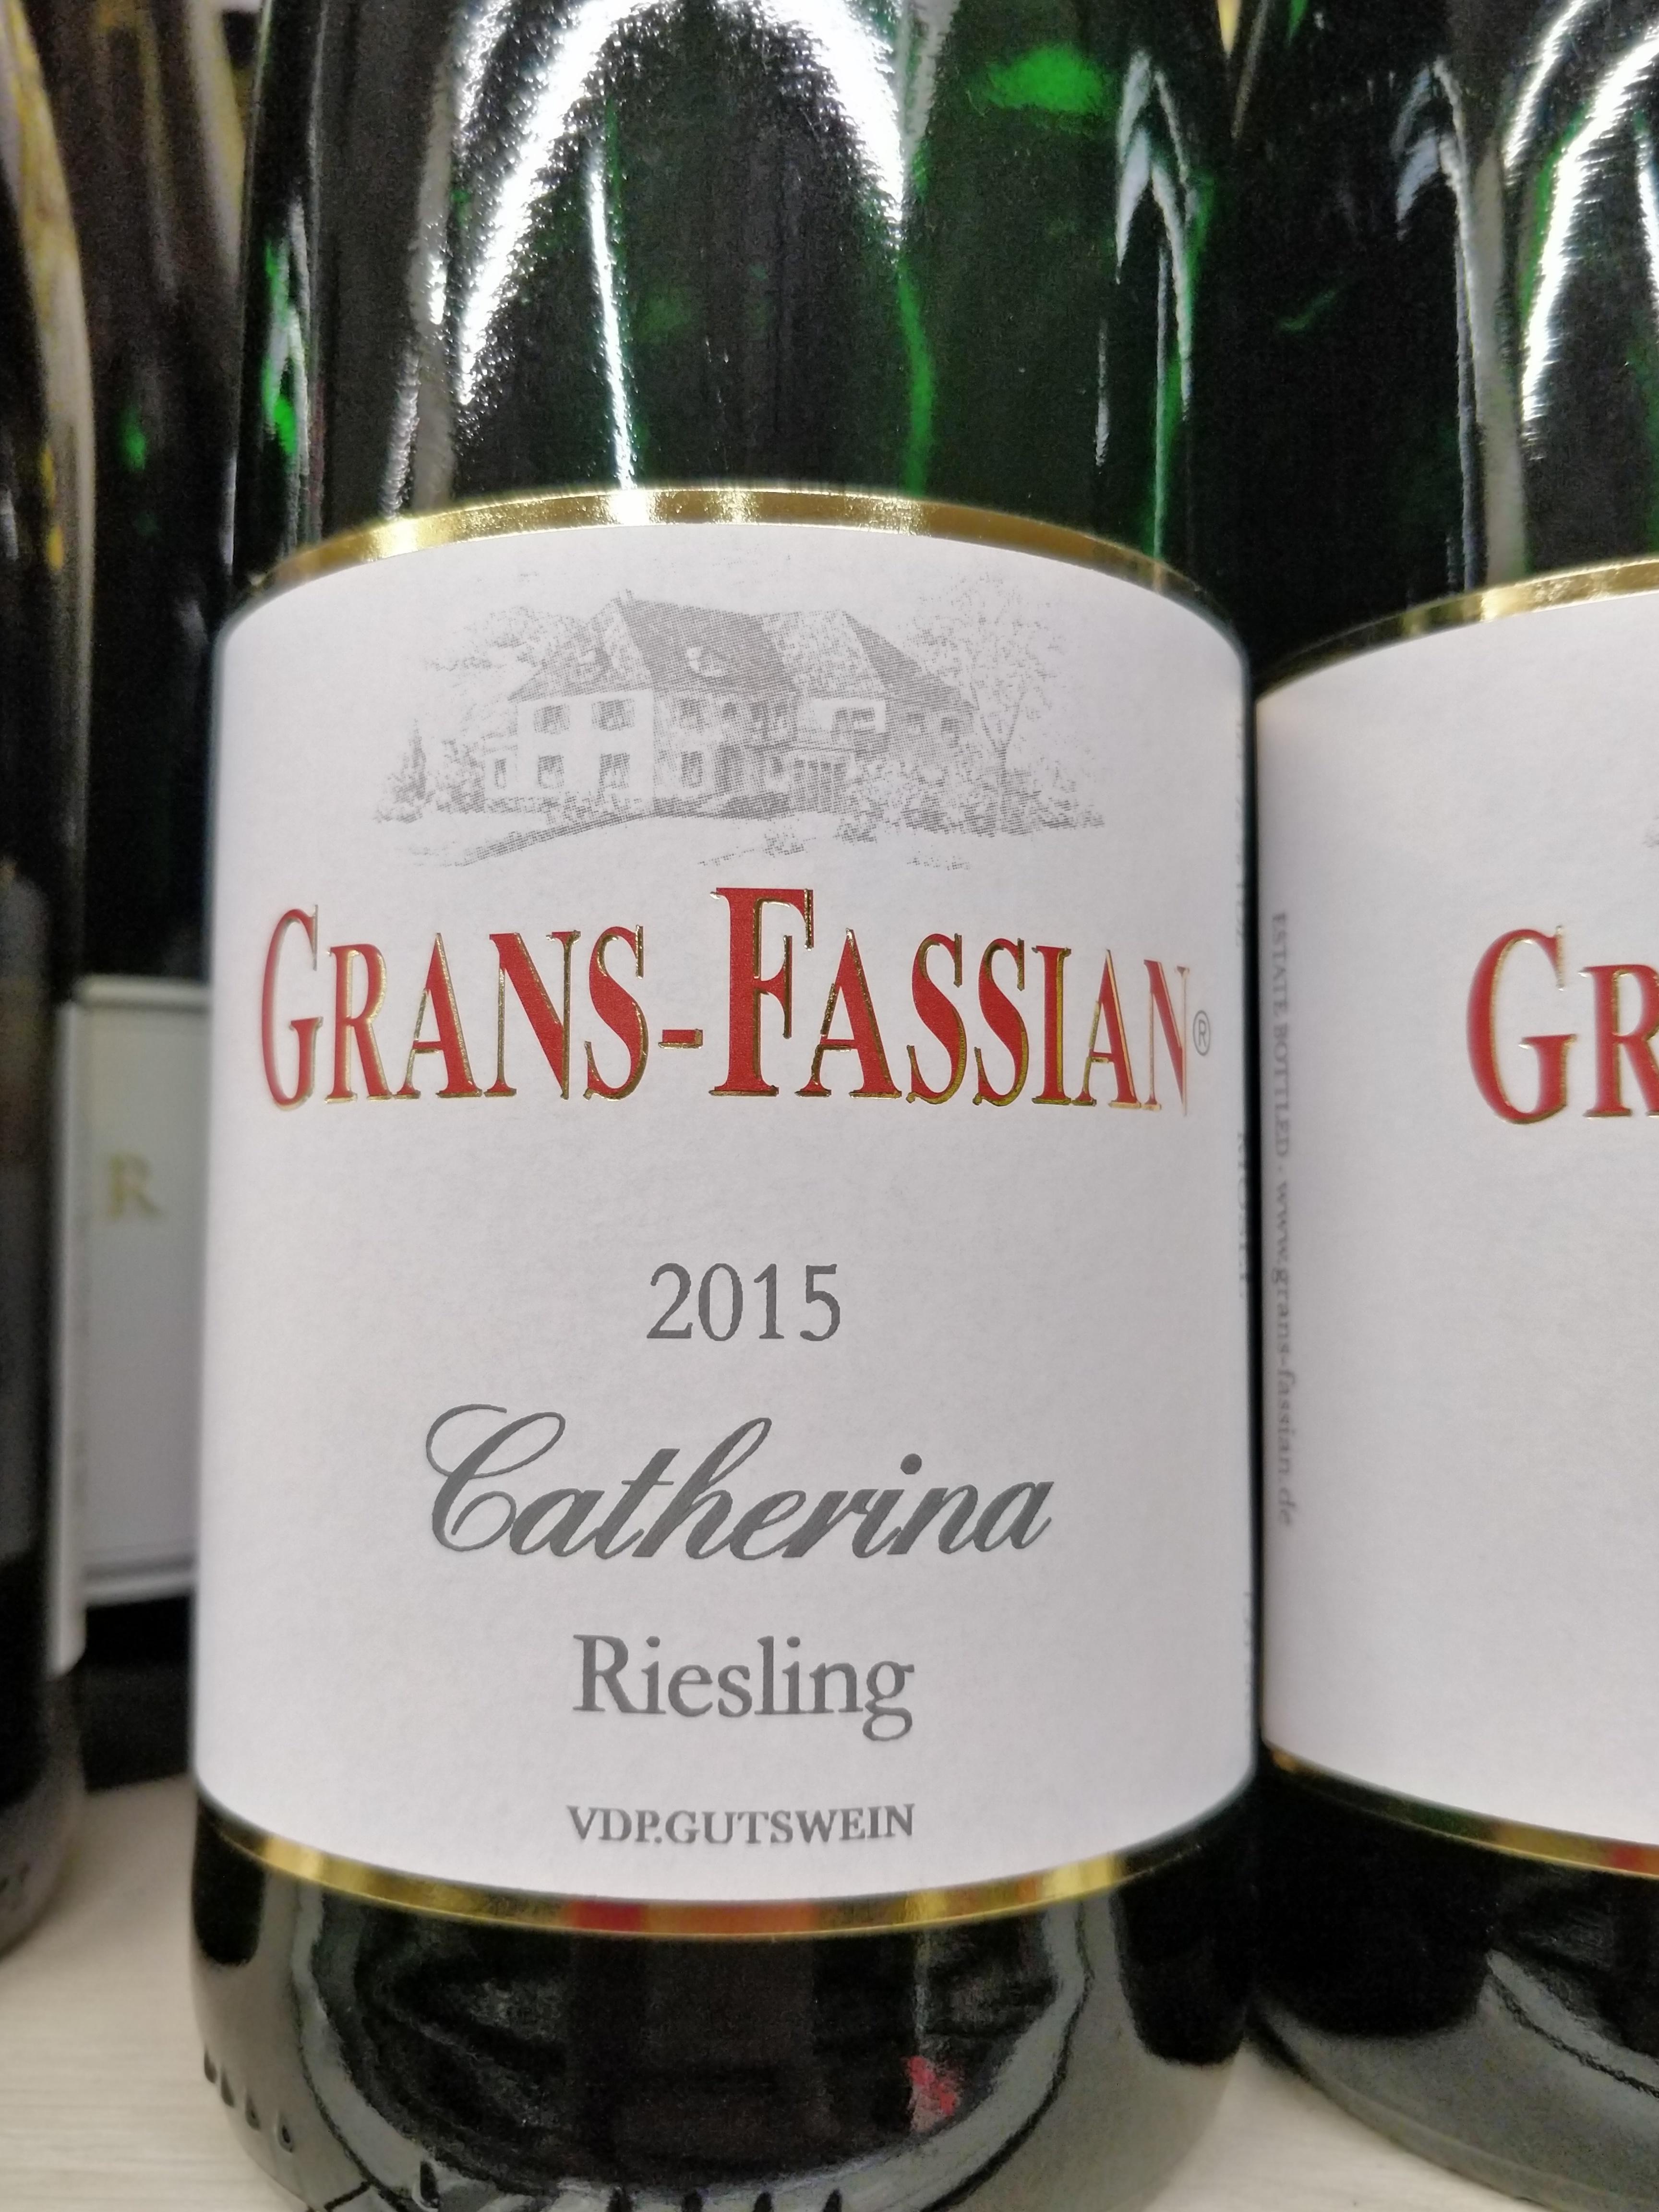 Spätlese, Auslese, VDP ja muut Saksan viinitermit selitettynä